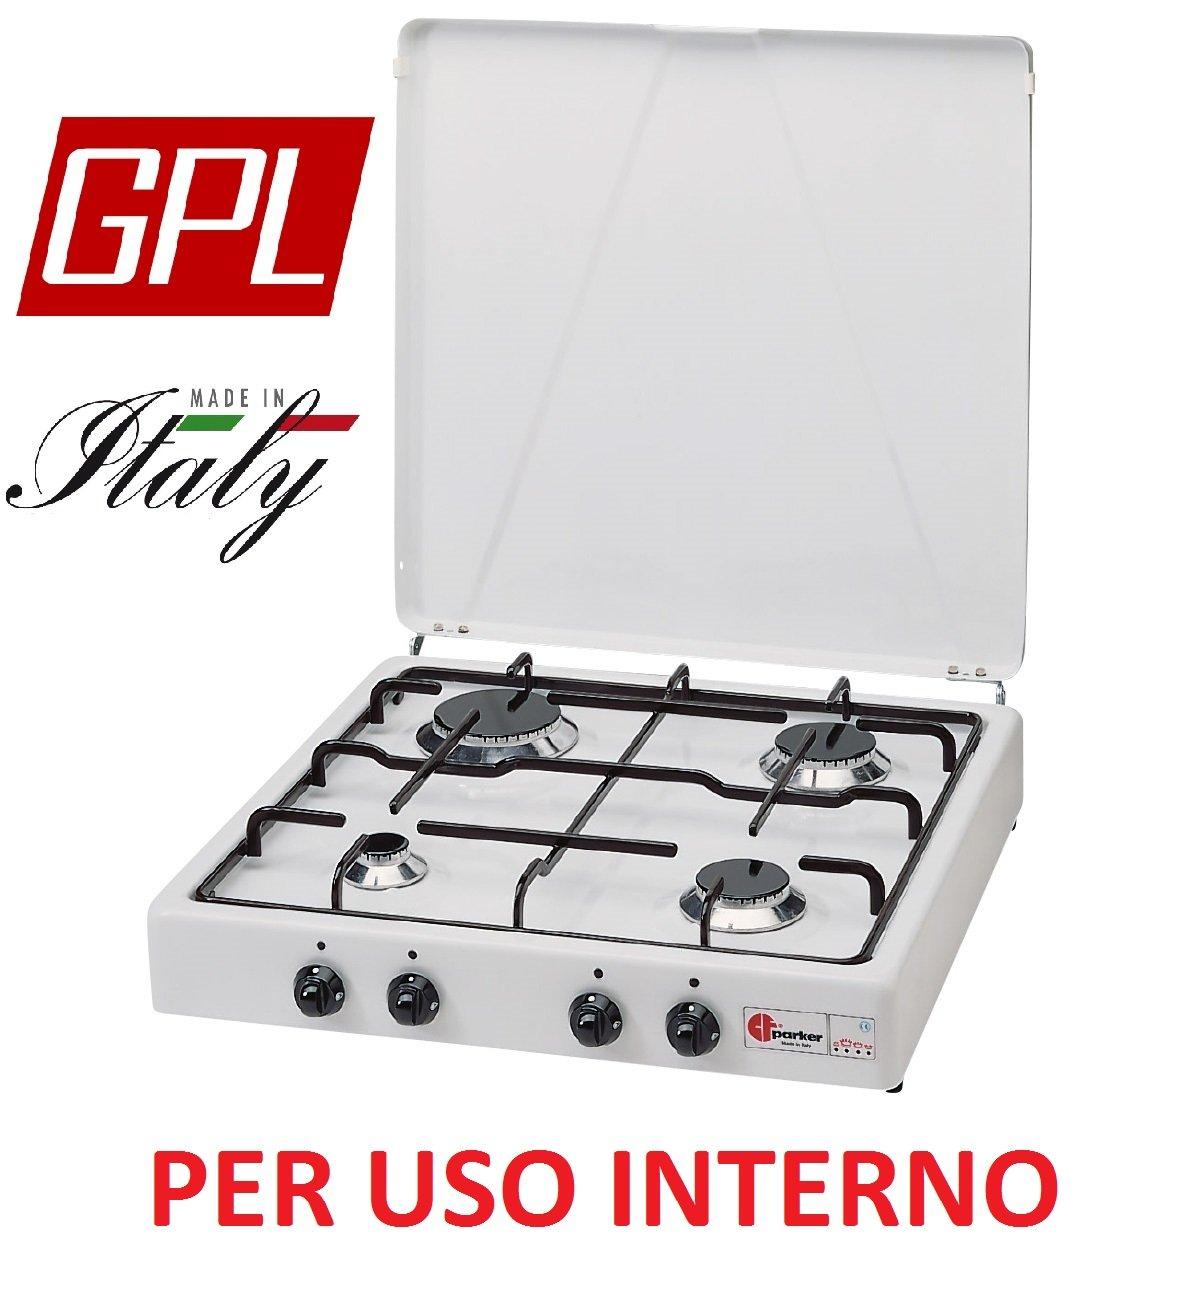 Gaskocher sicherheitsöffnungsventil Parker A GAS GPL (Gasflaschen) mit 4 flammig Farbe Weiß und Schwarz – für Verwendung Innen -